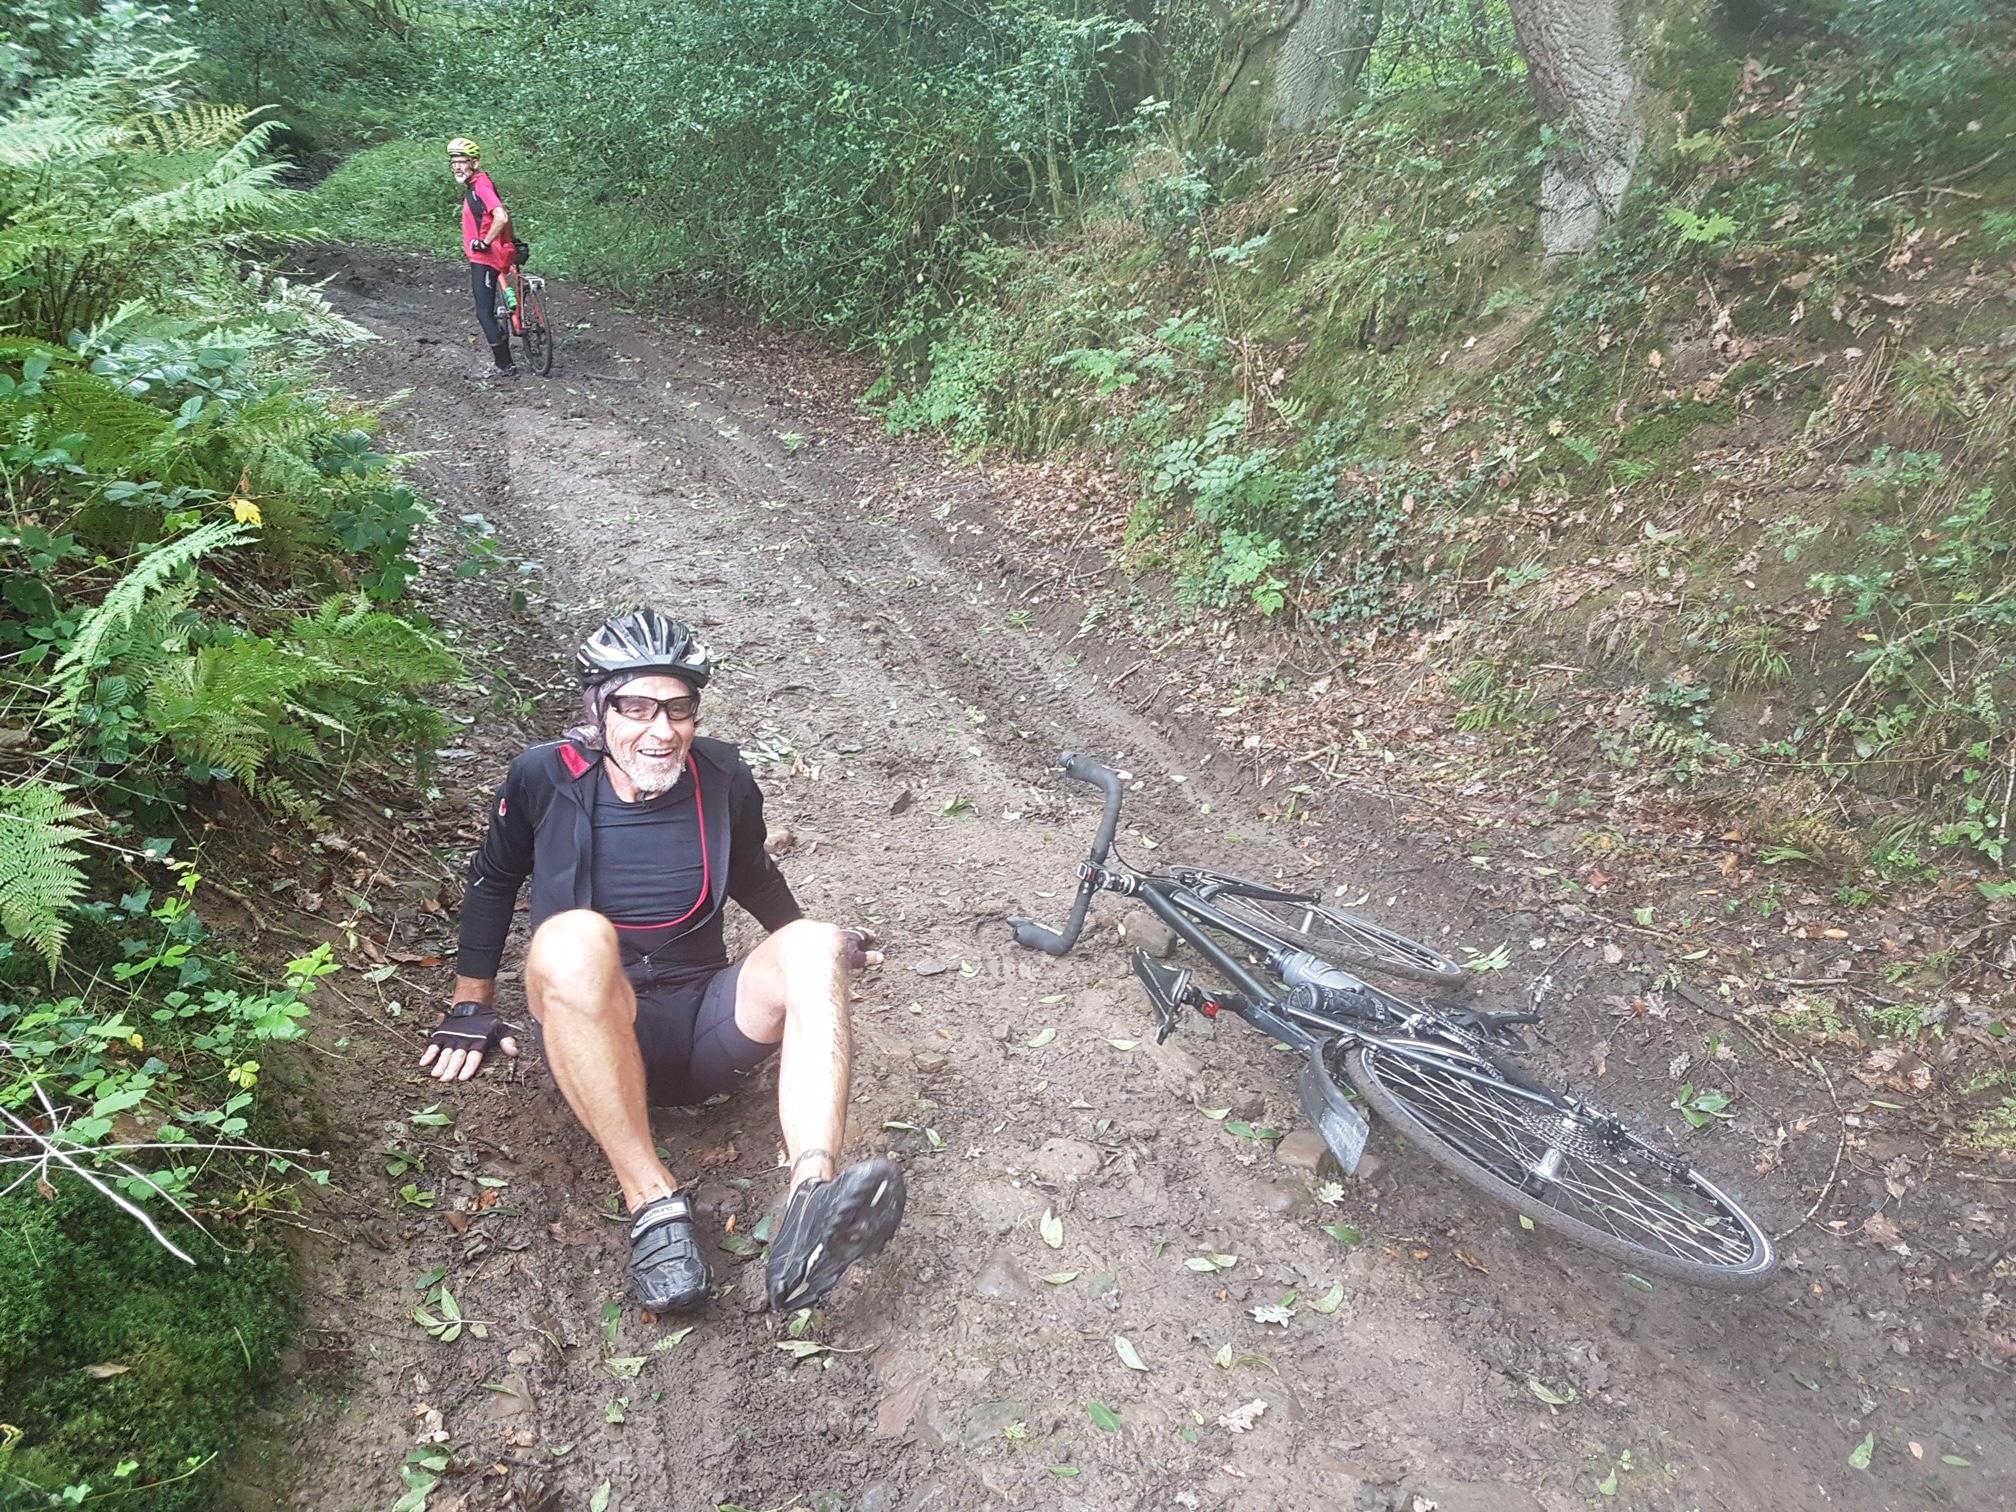 08 19 Gravel Ride.JPG